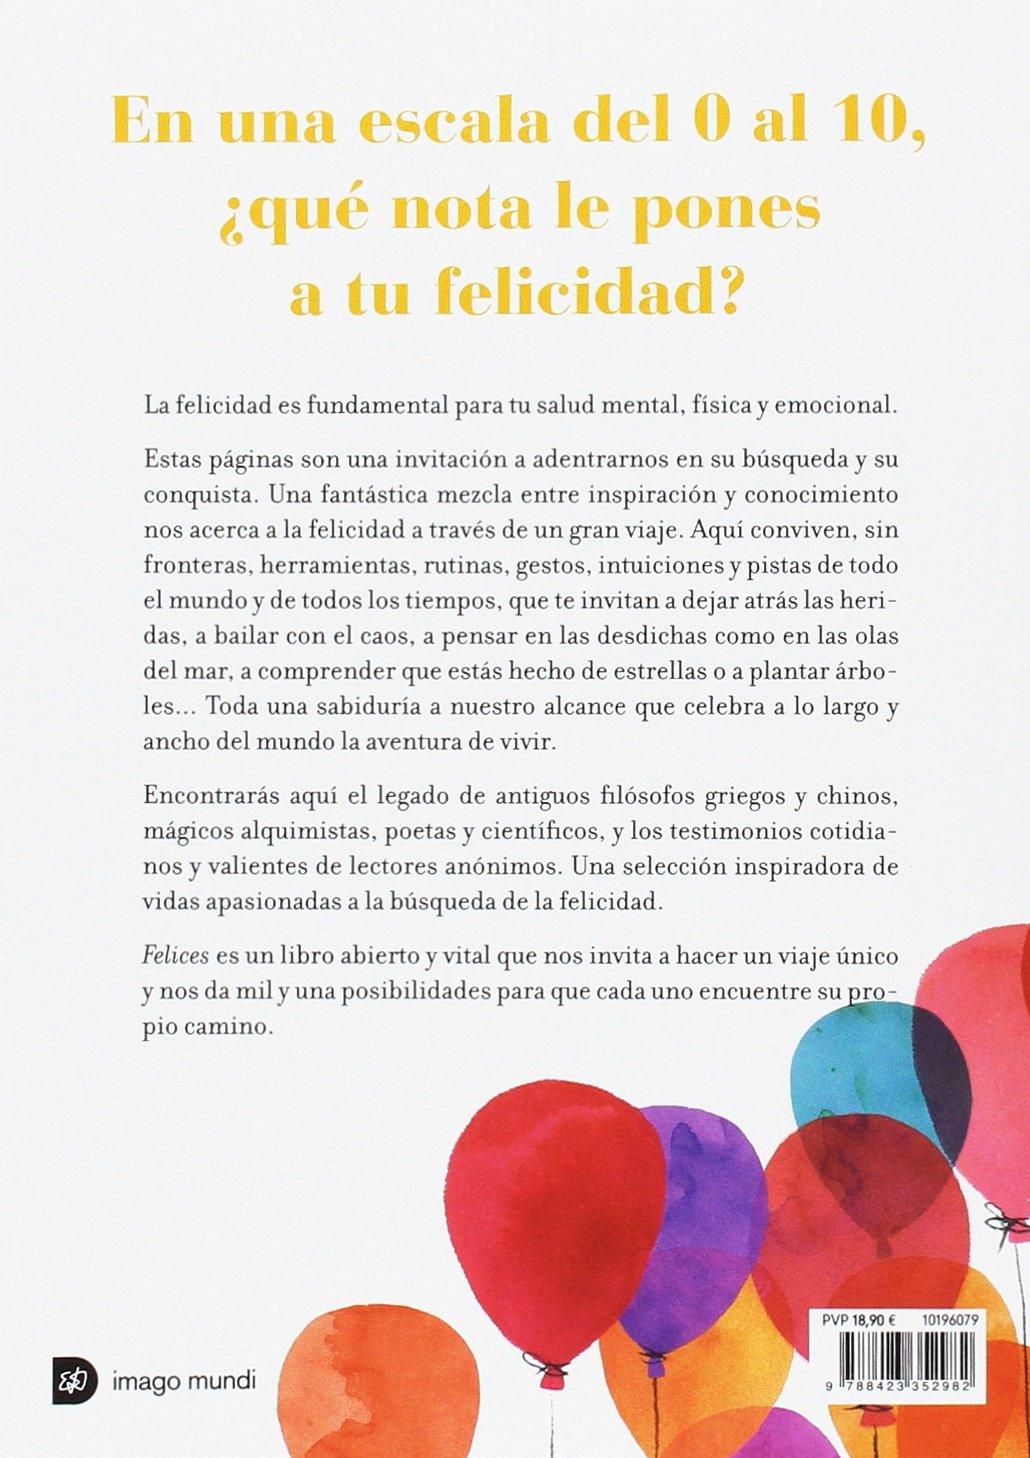 Felices Elsa Punset 9788423352982 Amazoncom Books